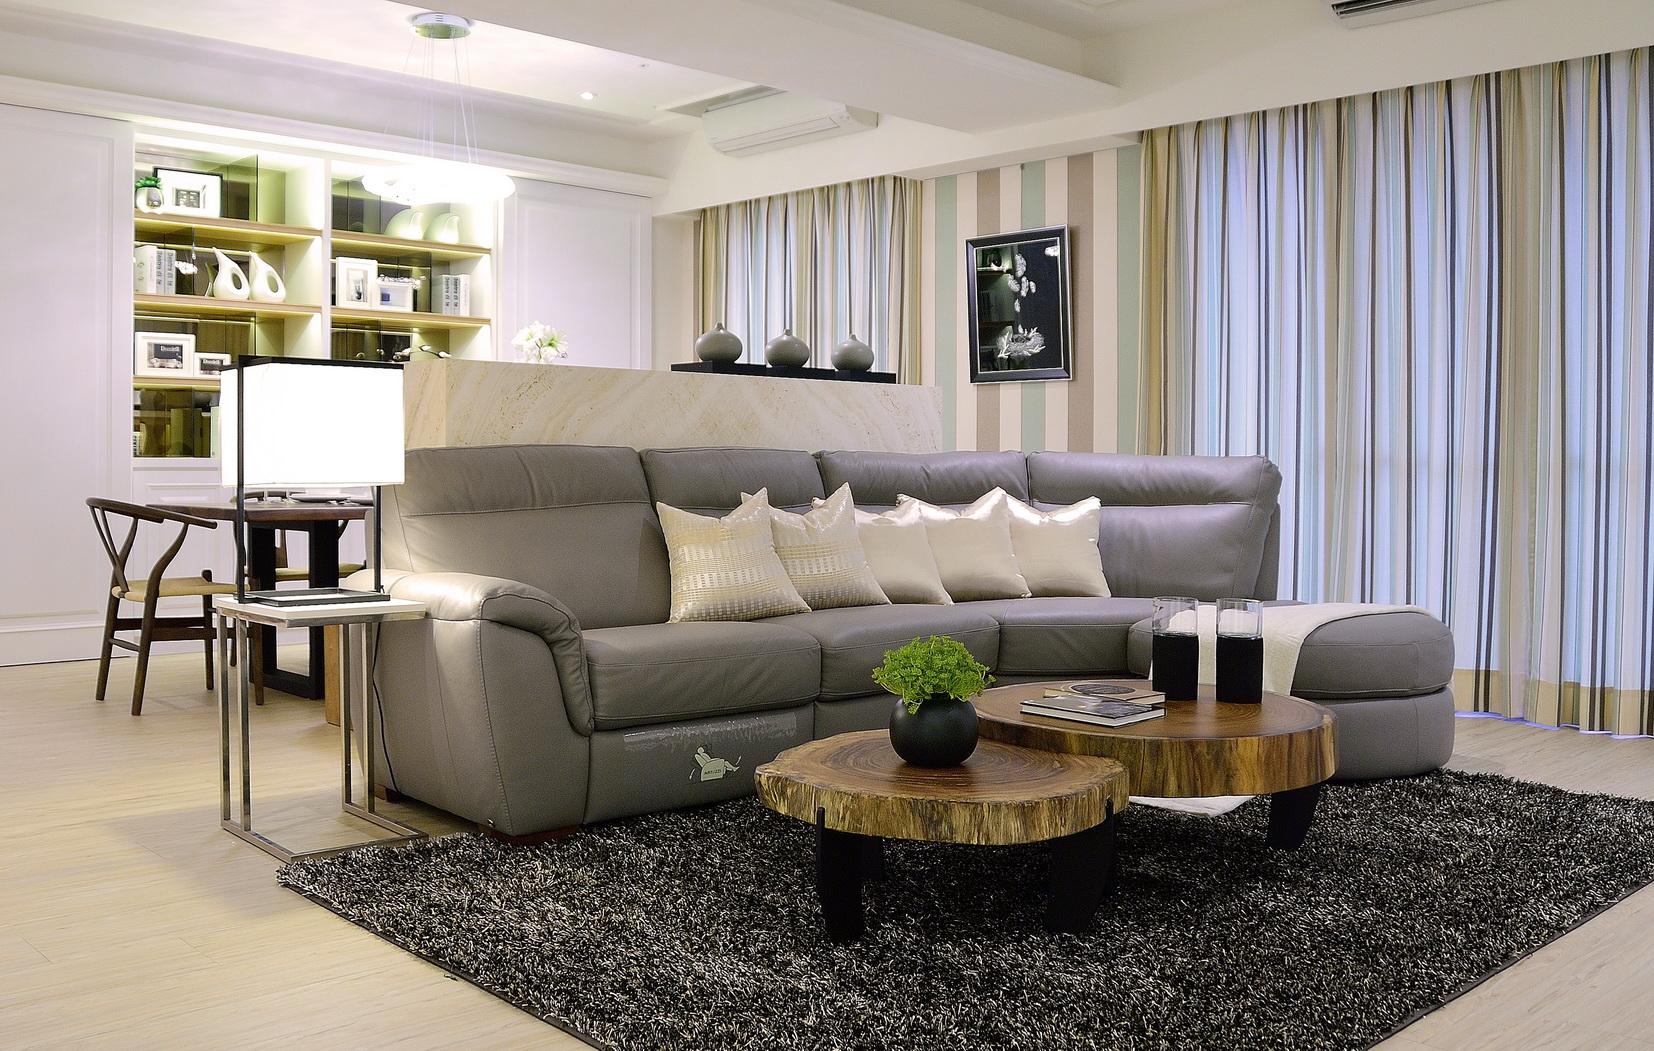 【住宅設計】林口冠東方黃公館-美式簡約居家風客廳-壁紙